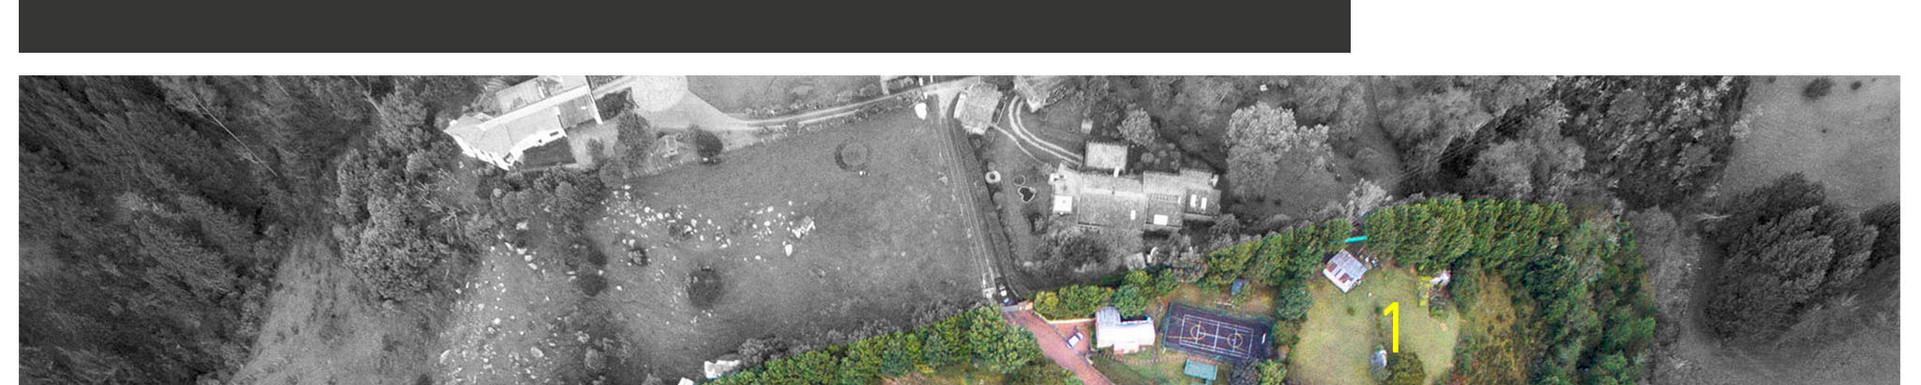 Refugio El Hato 7 casas.jpg